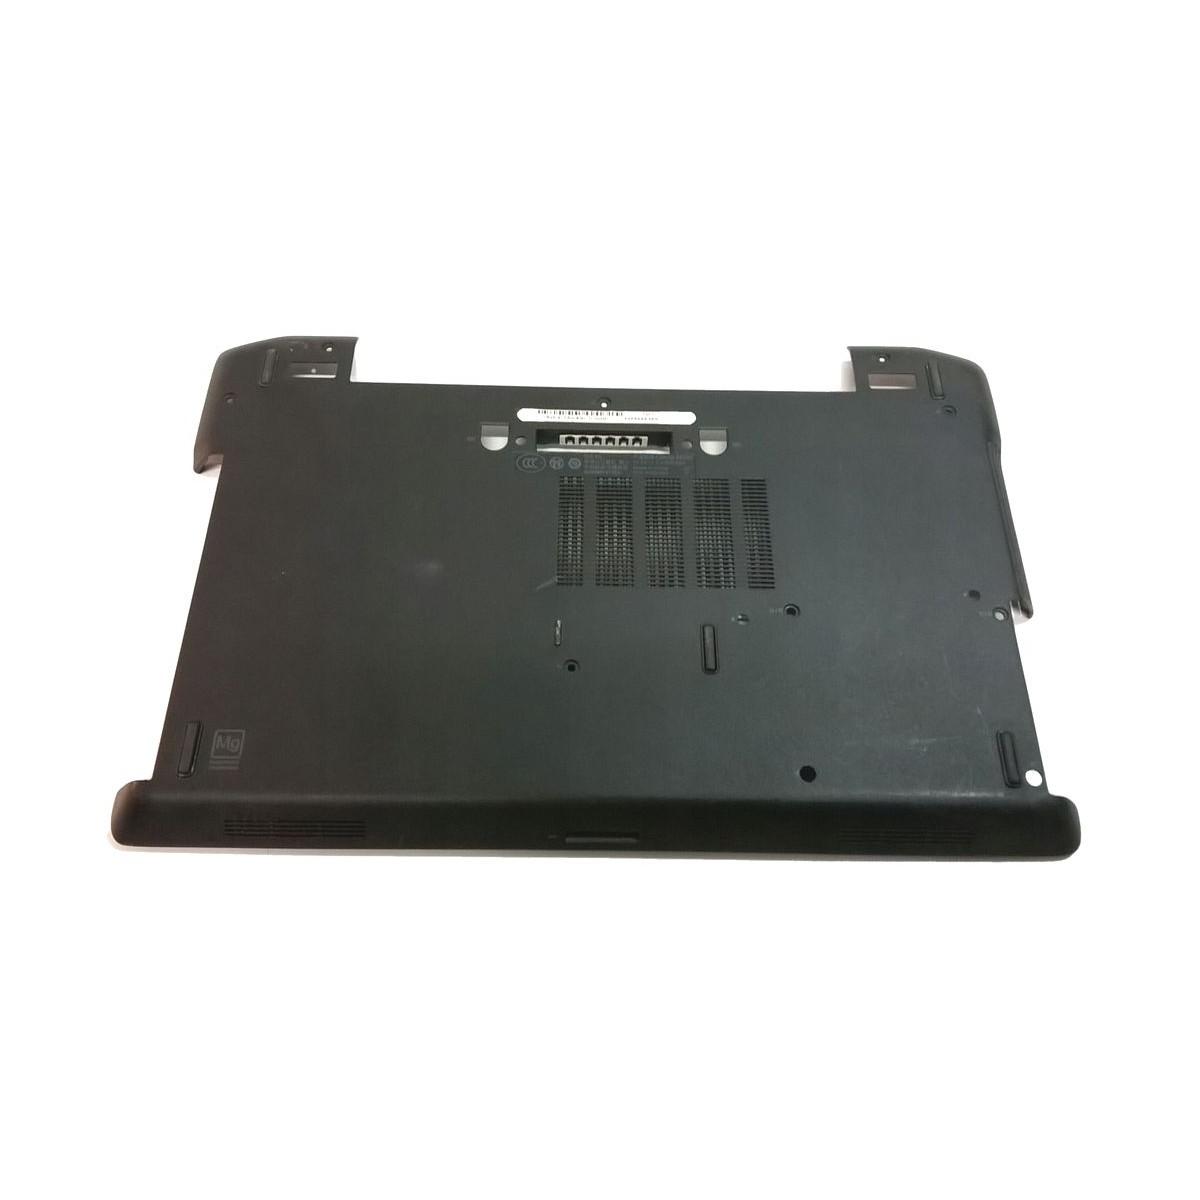 DYSK HP 146GB SAS 10K 3G 2,5'' 431954-003 GW FV